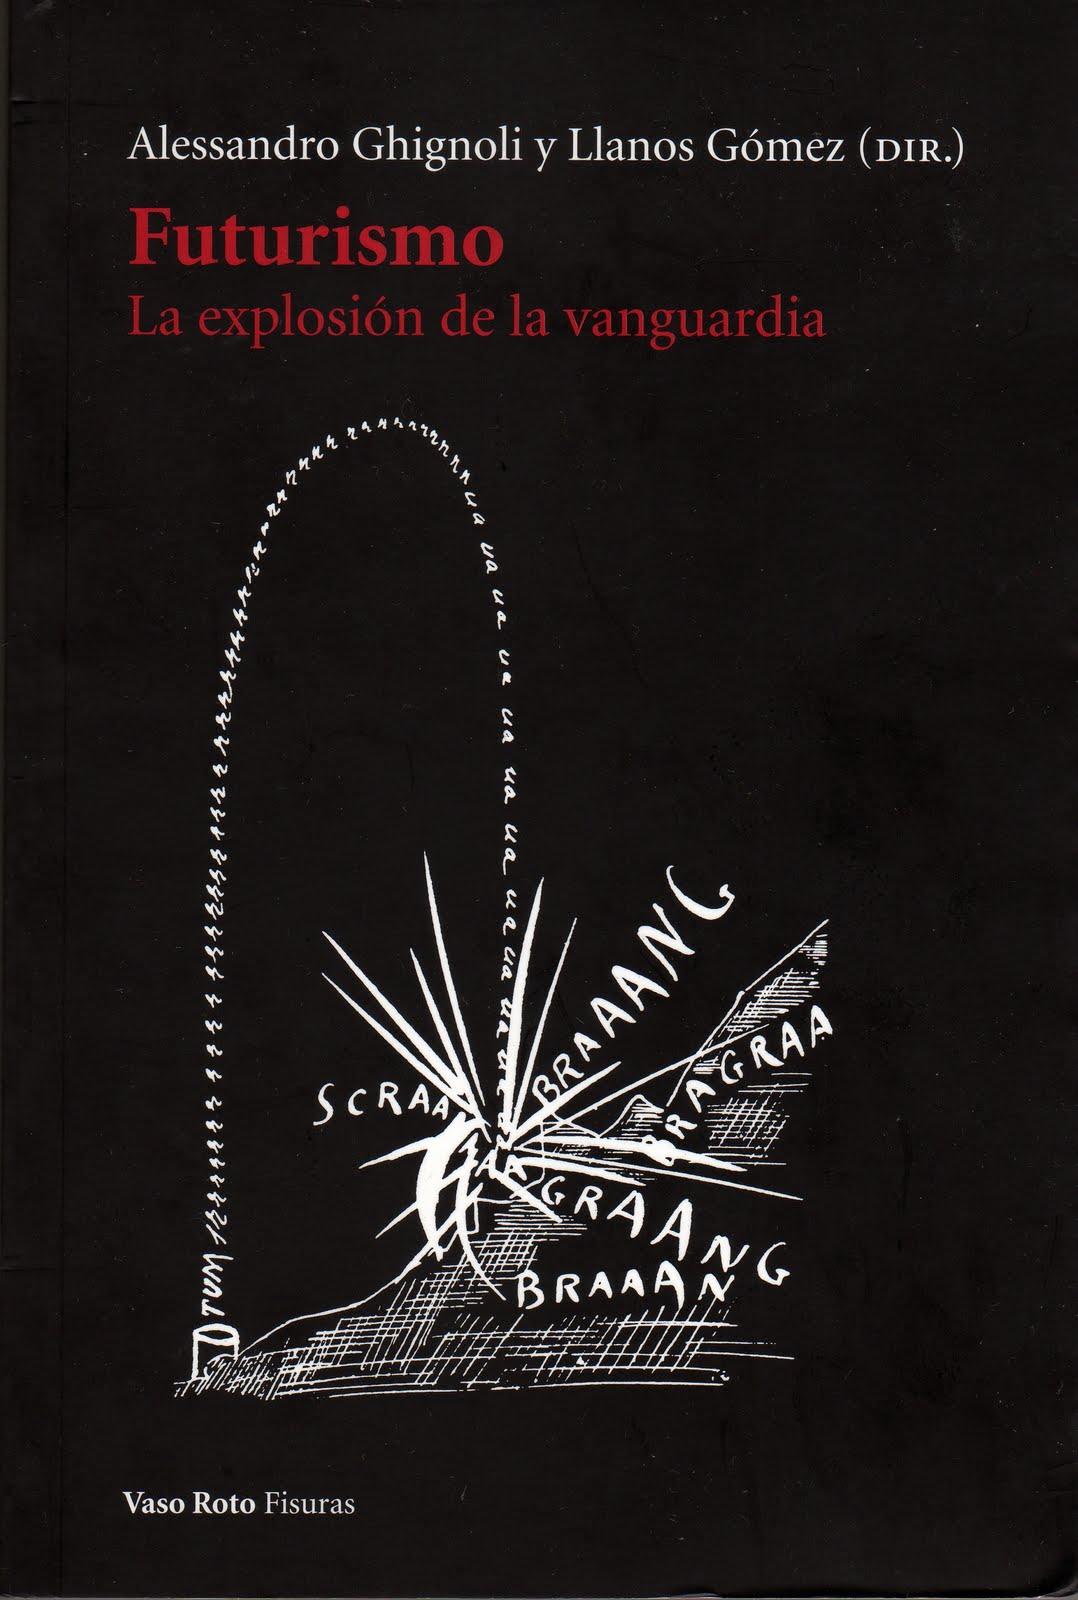 Poemas cubistas   Poemas - mispoemasde.com